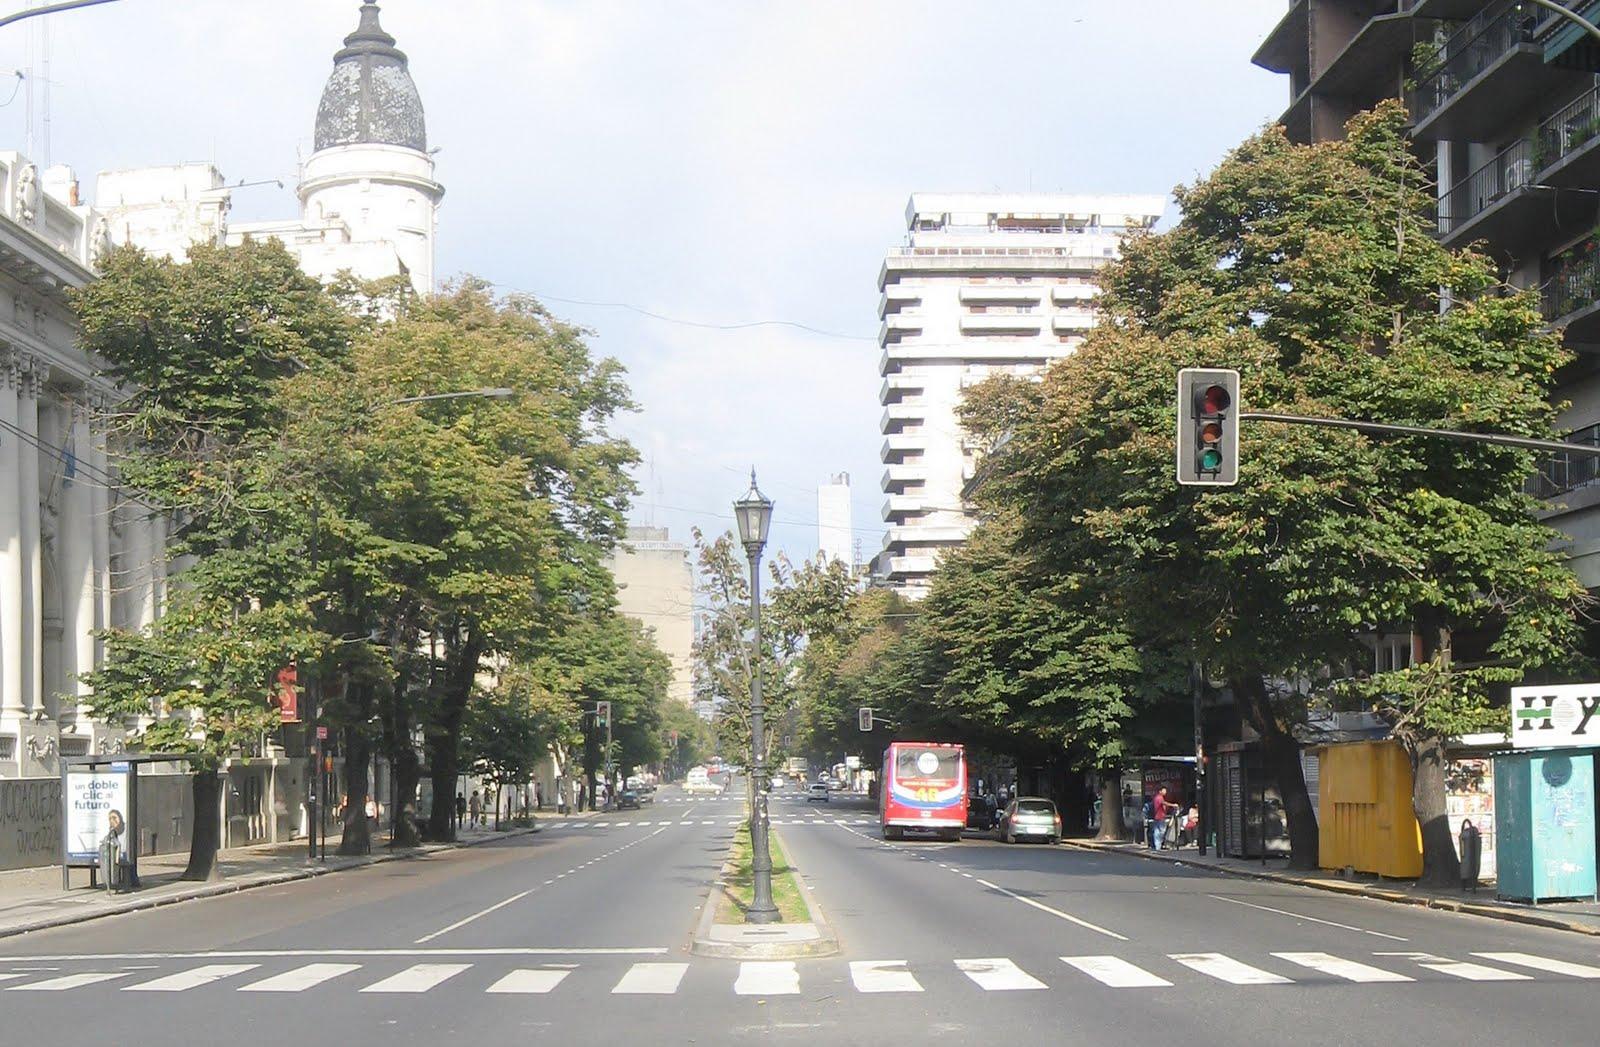 Pospandemia: Plan de viviendas para 2.400 familias en La Plata